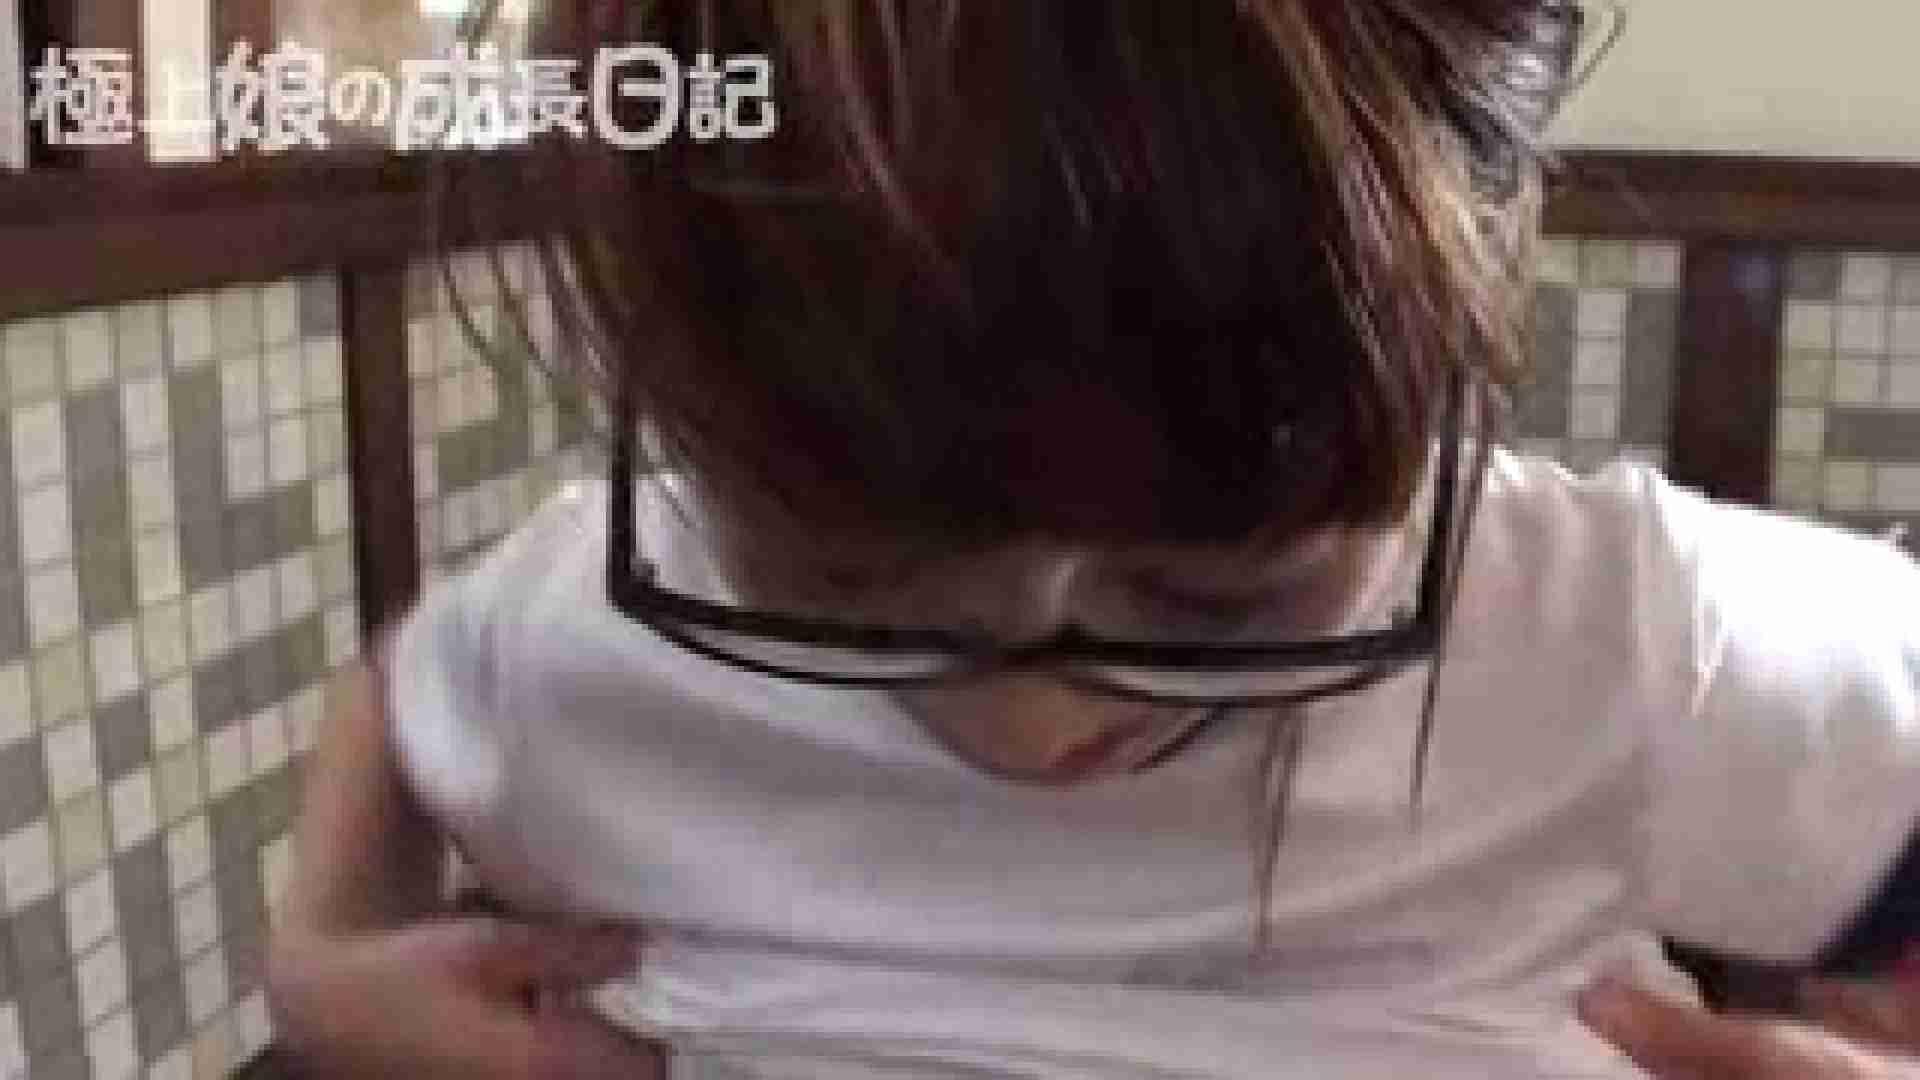 極上素人嬢の成長日記 コスプレハメ撮りブルマ編 マッサージ   ブルマ  55連発 27